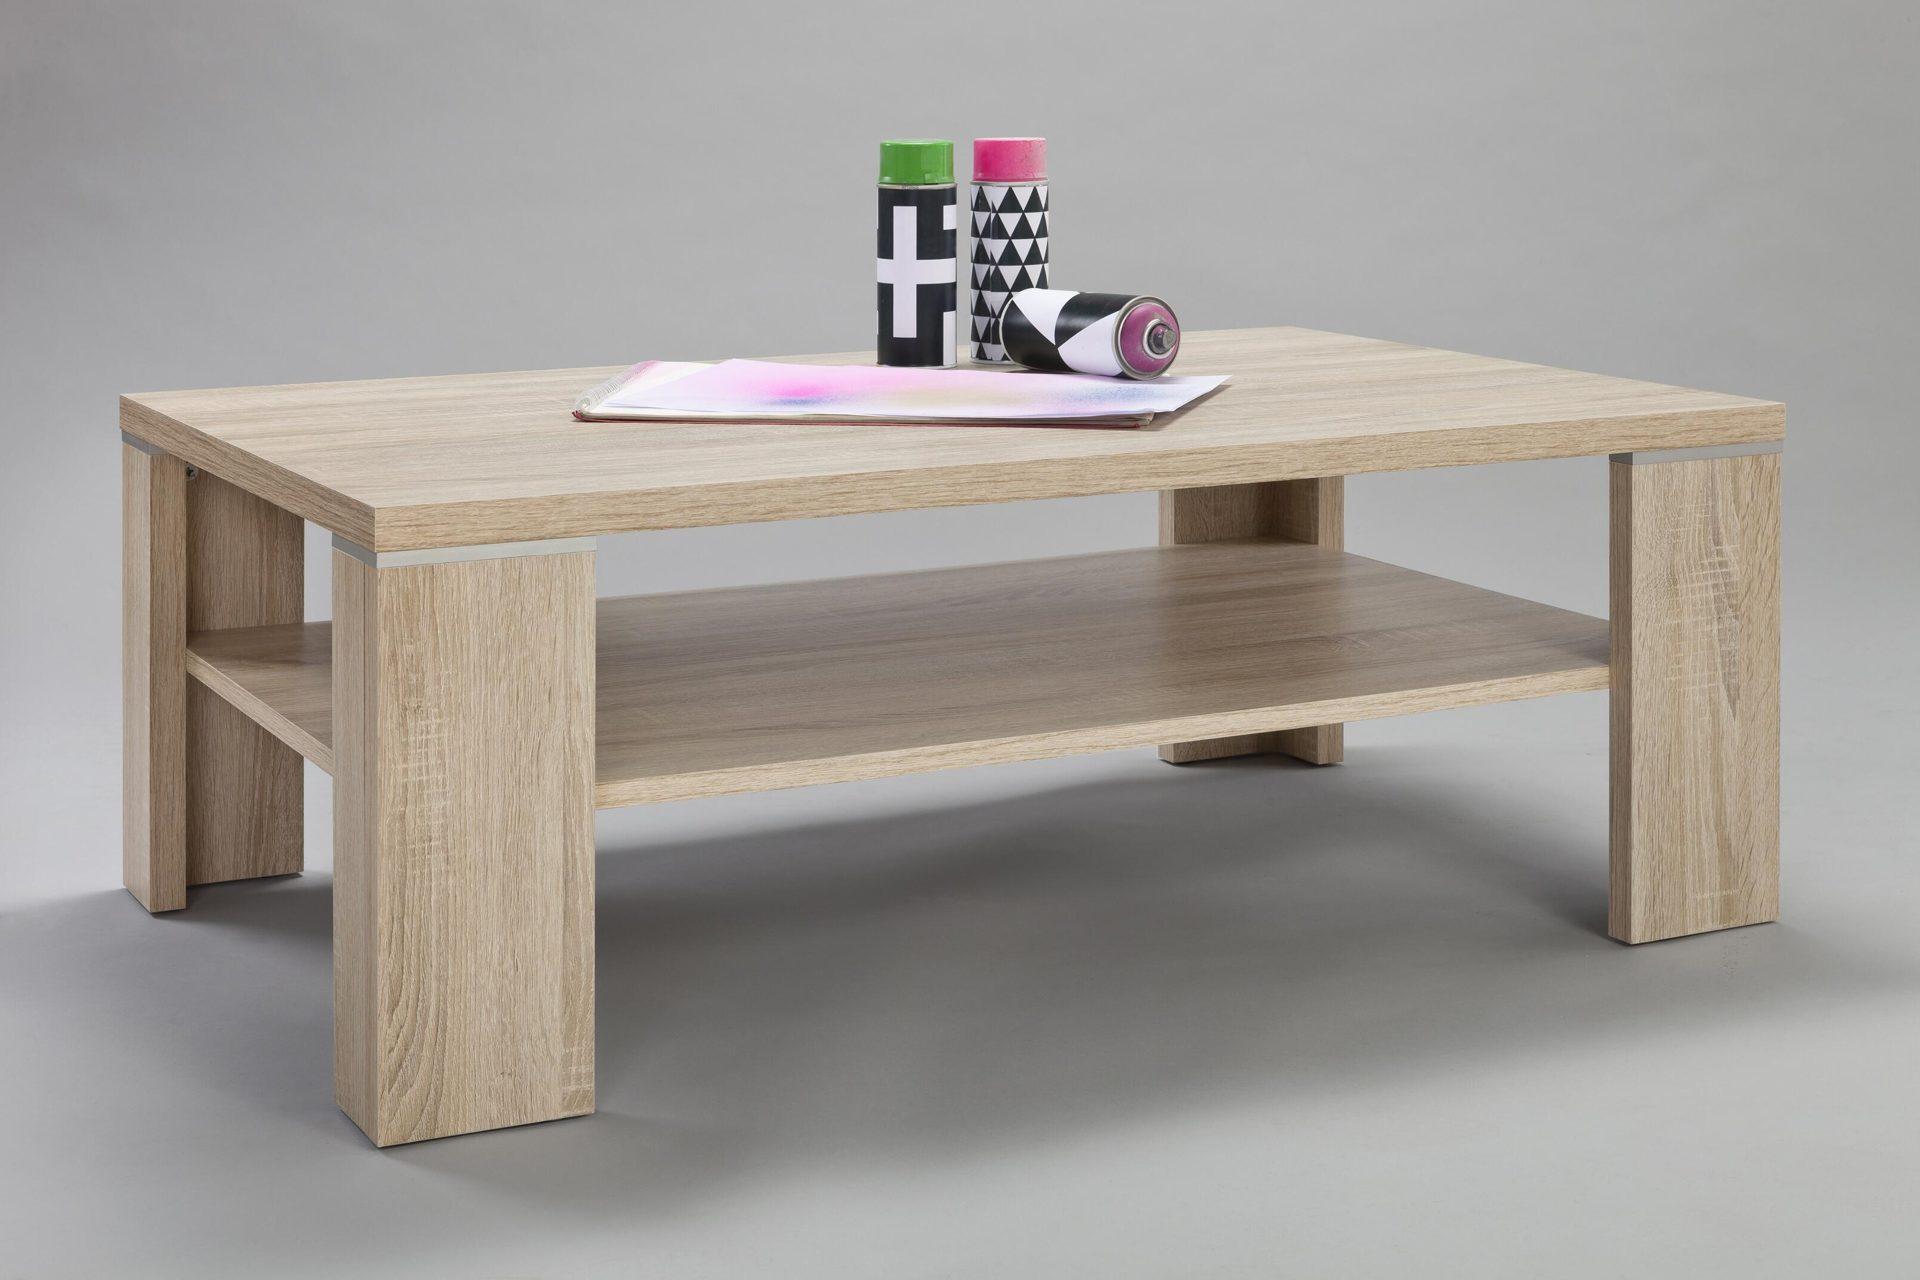 Wohnzimmertisch Perfekt Fur Moderne Sitzmobel Sanremo Eichefarbene Kunststoffoberflache Ca 110 X 70 Cm